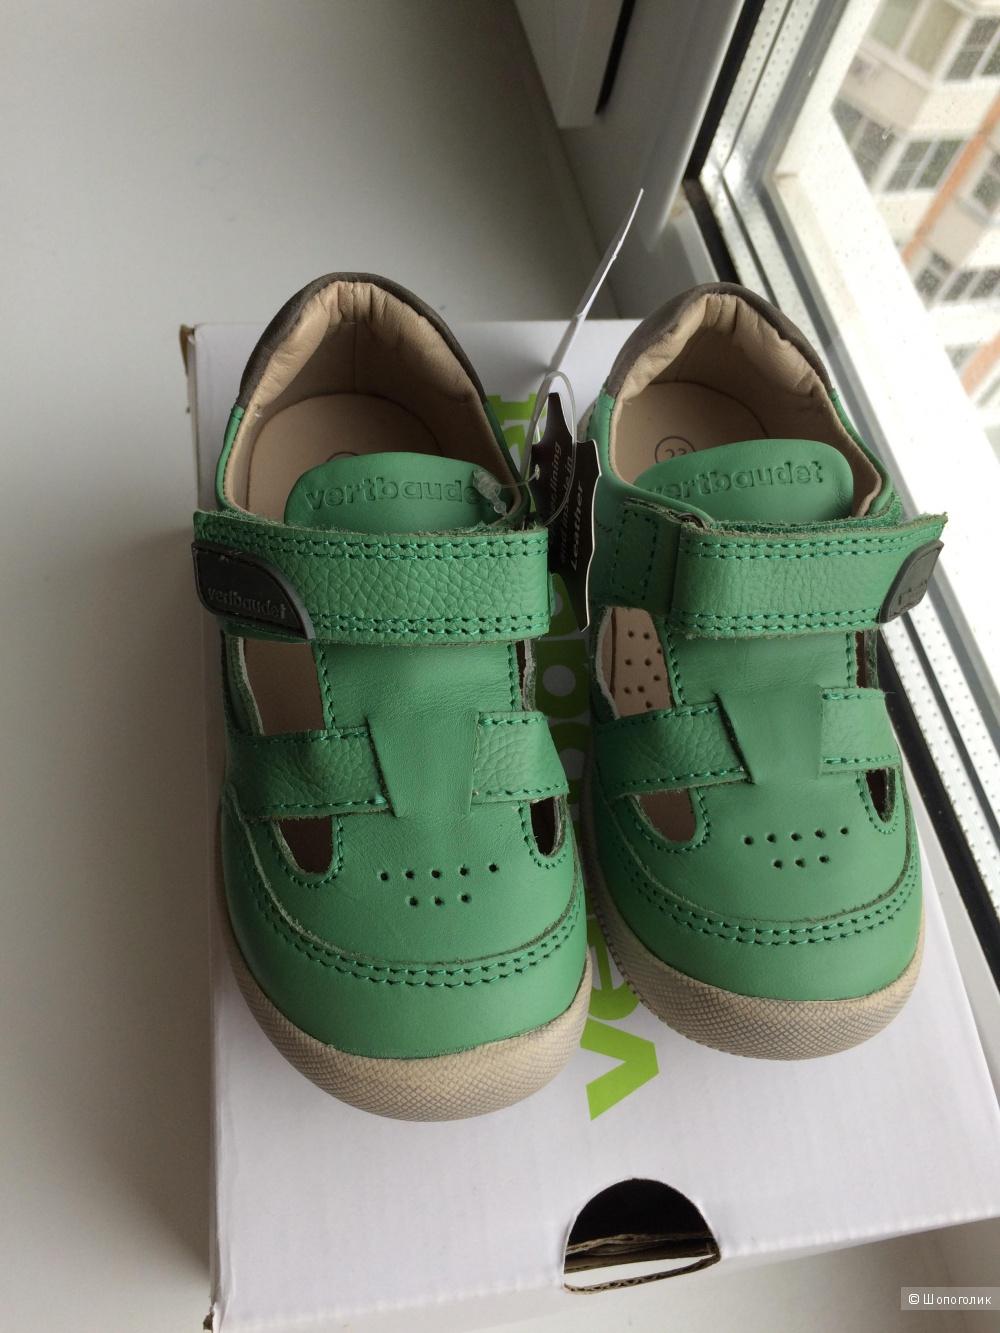 Новые сандалии Vertbaudet  23 размер по стельке 14,5 , . Полностью кожаные.